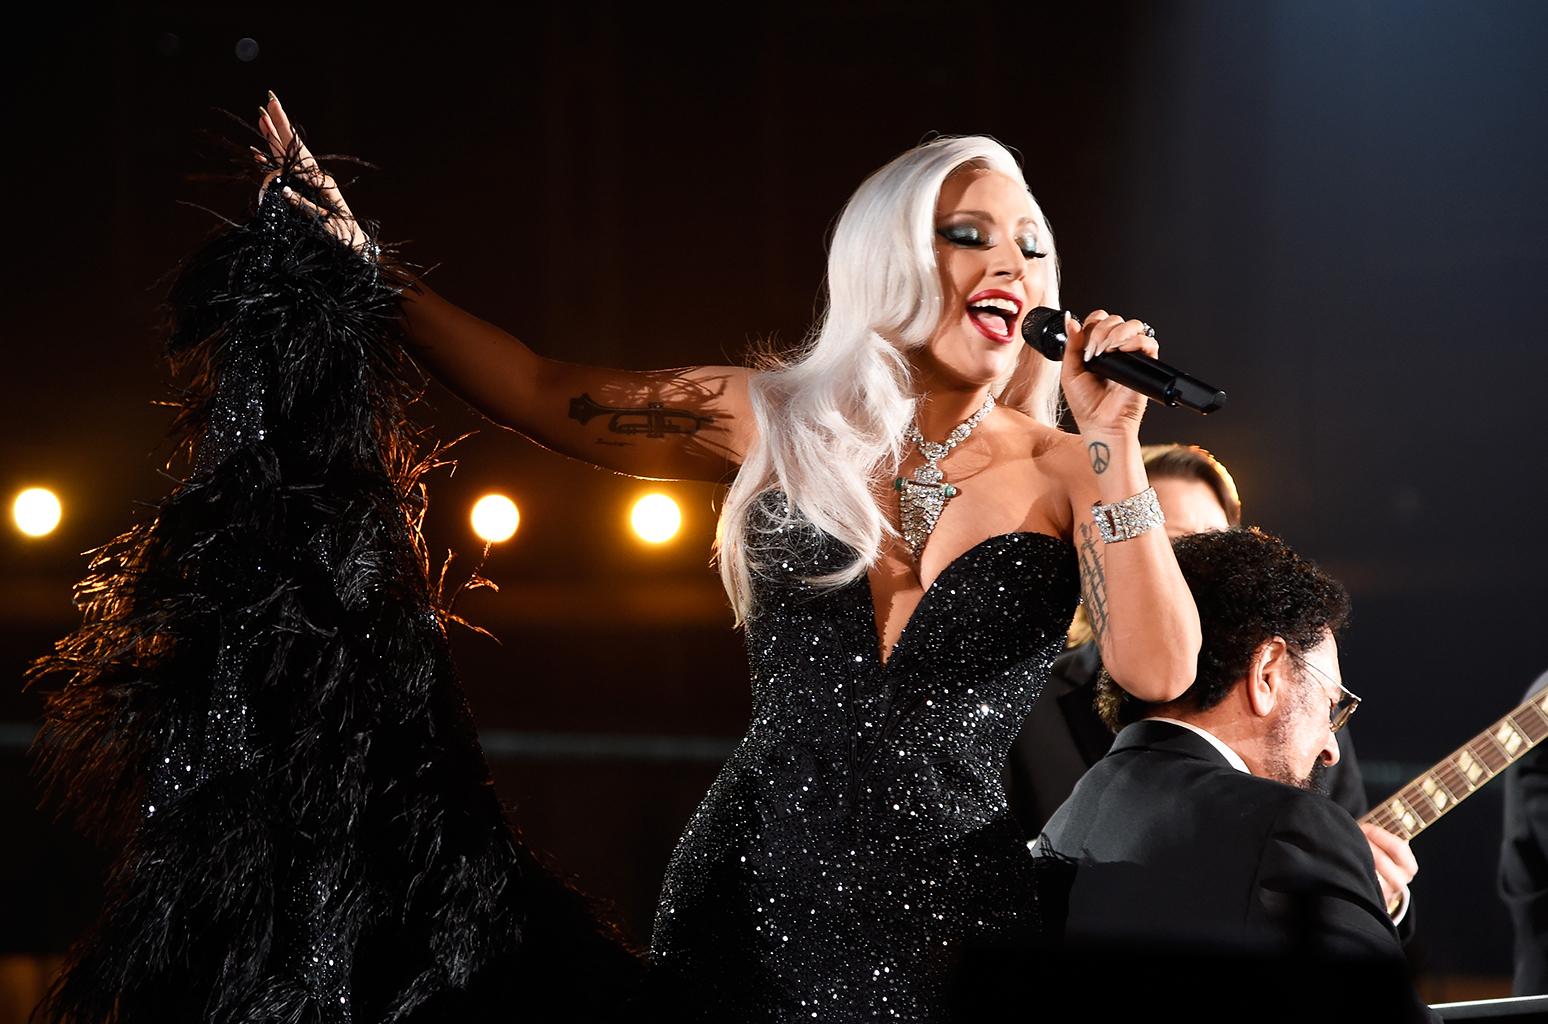 Na zdjeciu widzimy spiewajaca kobiete blondynke ubrana w piekna czarna suknie wieczorowa